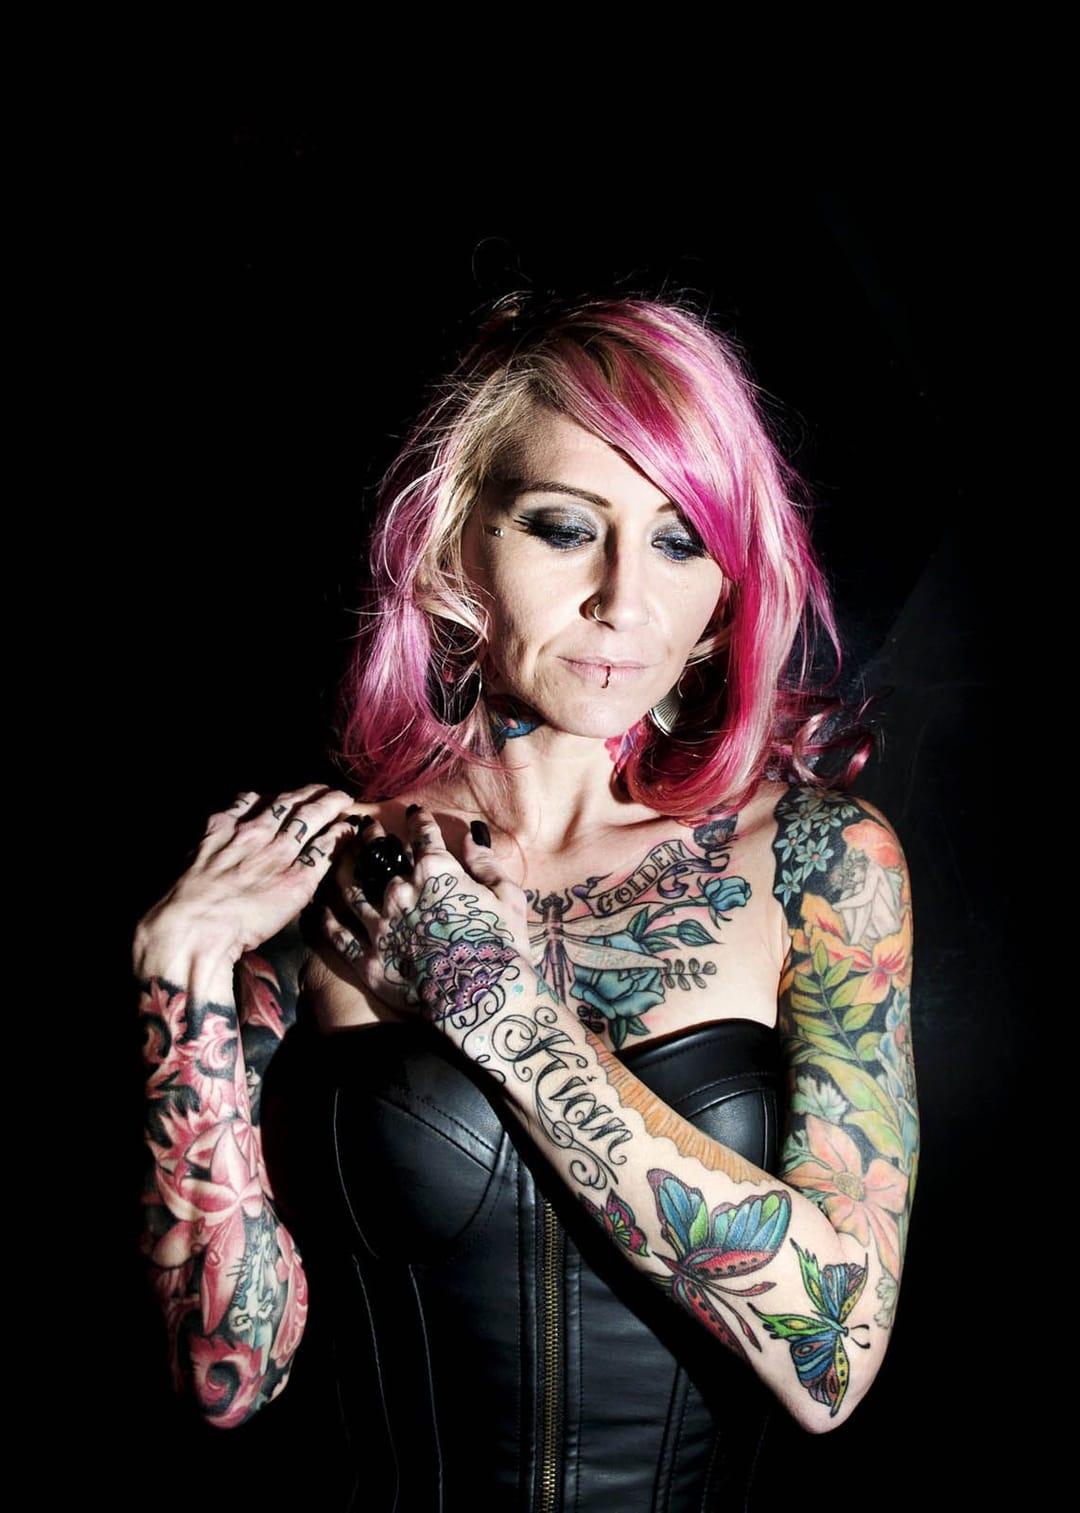 Jenny, Tattoo Model